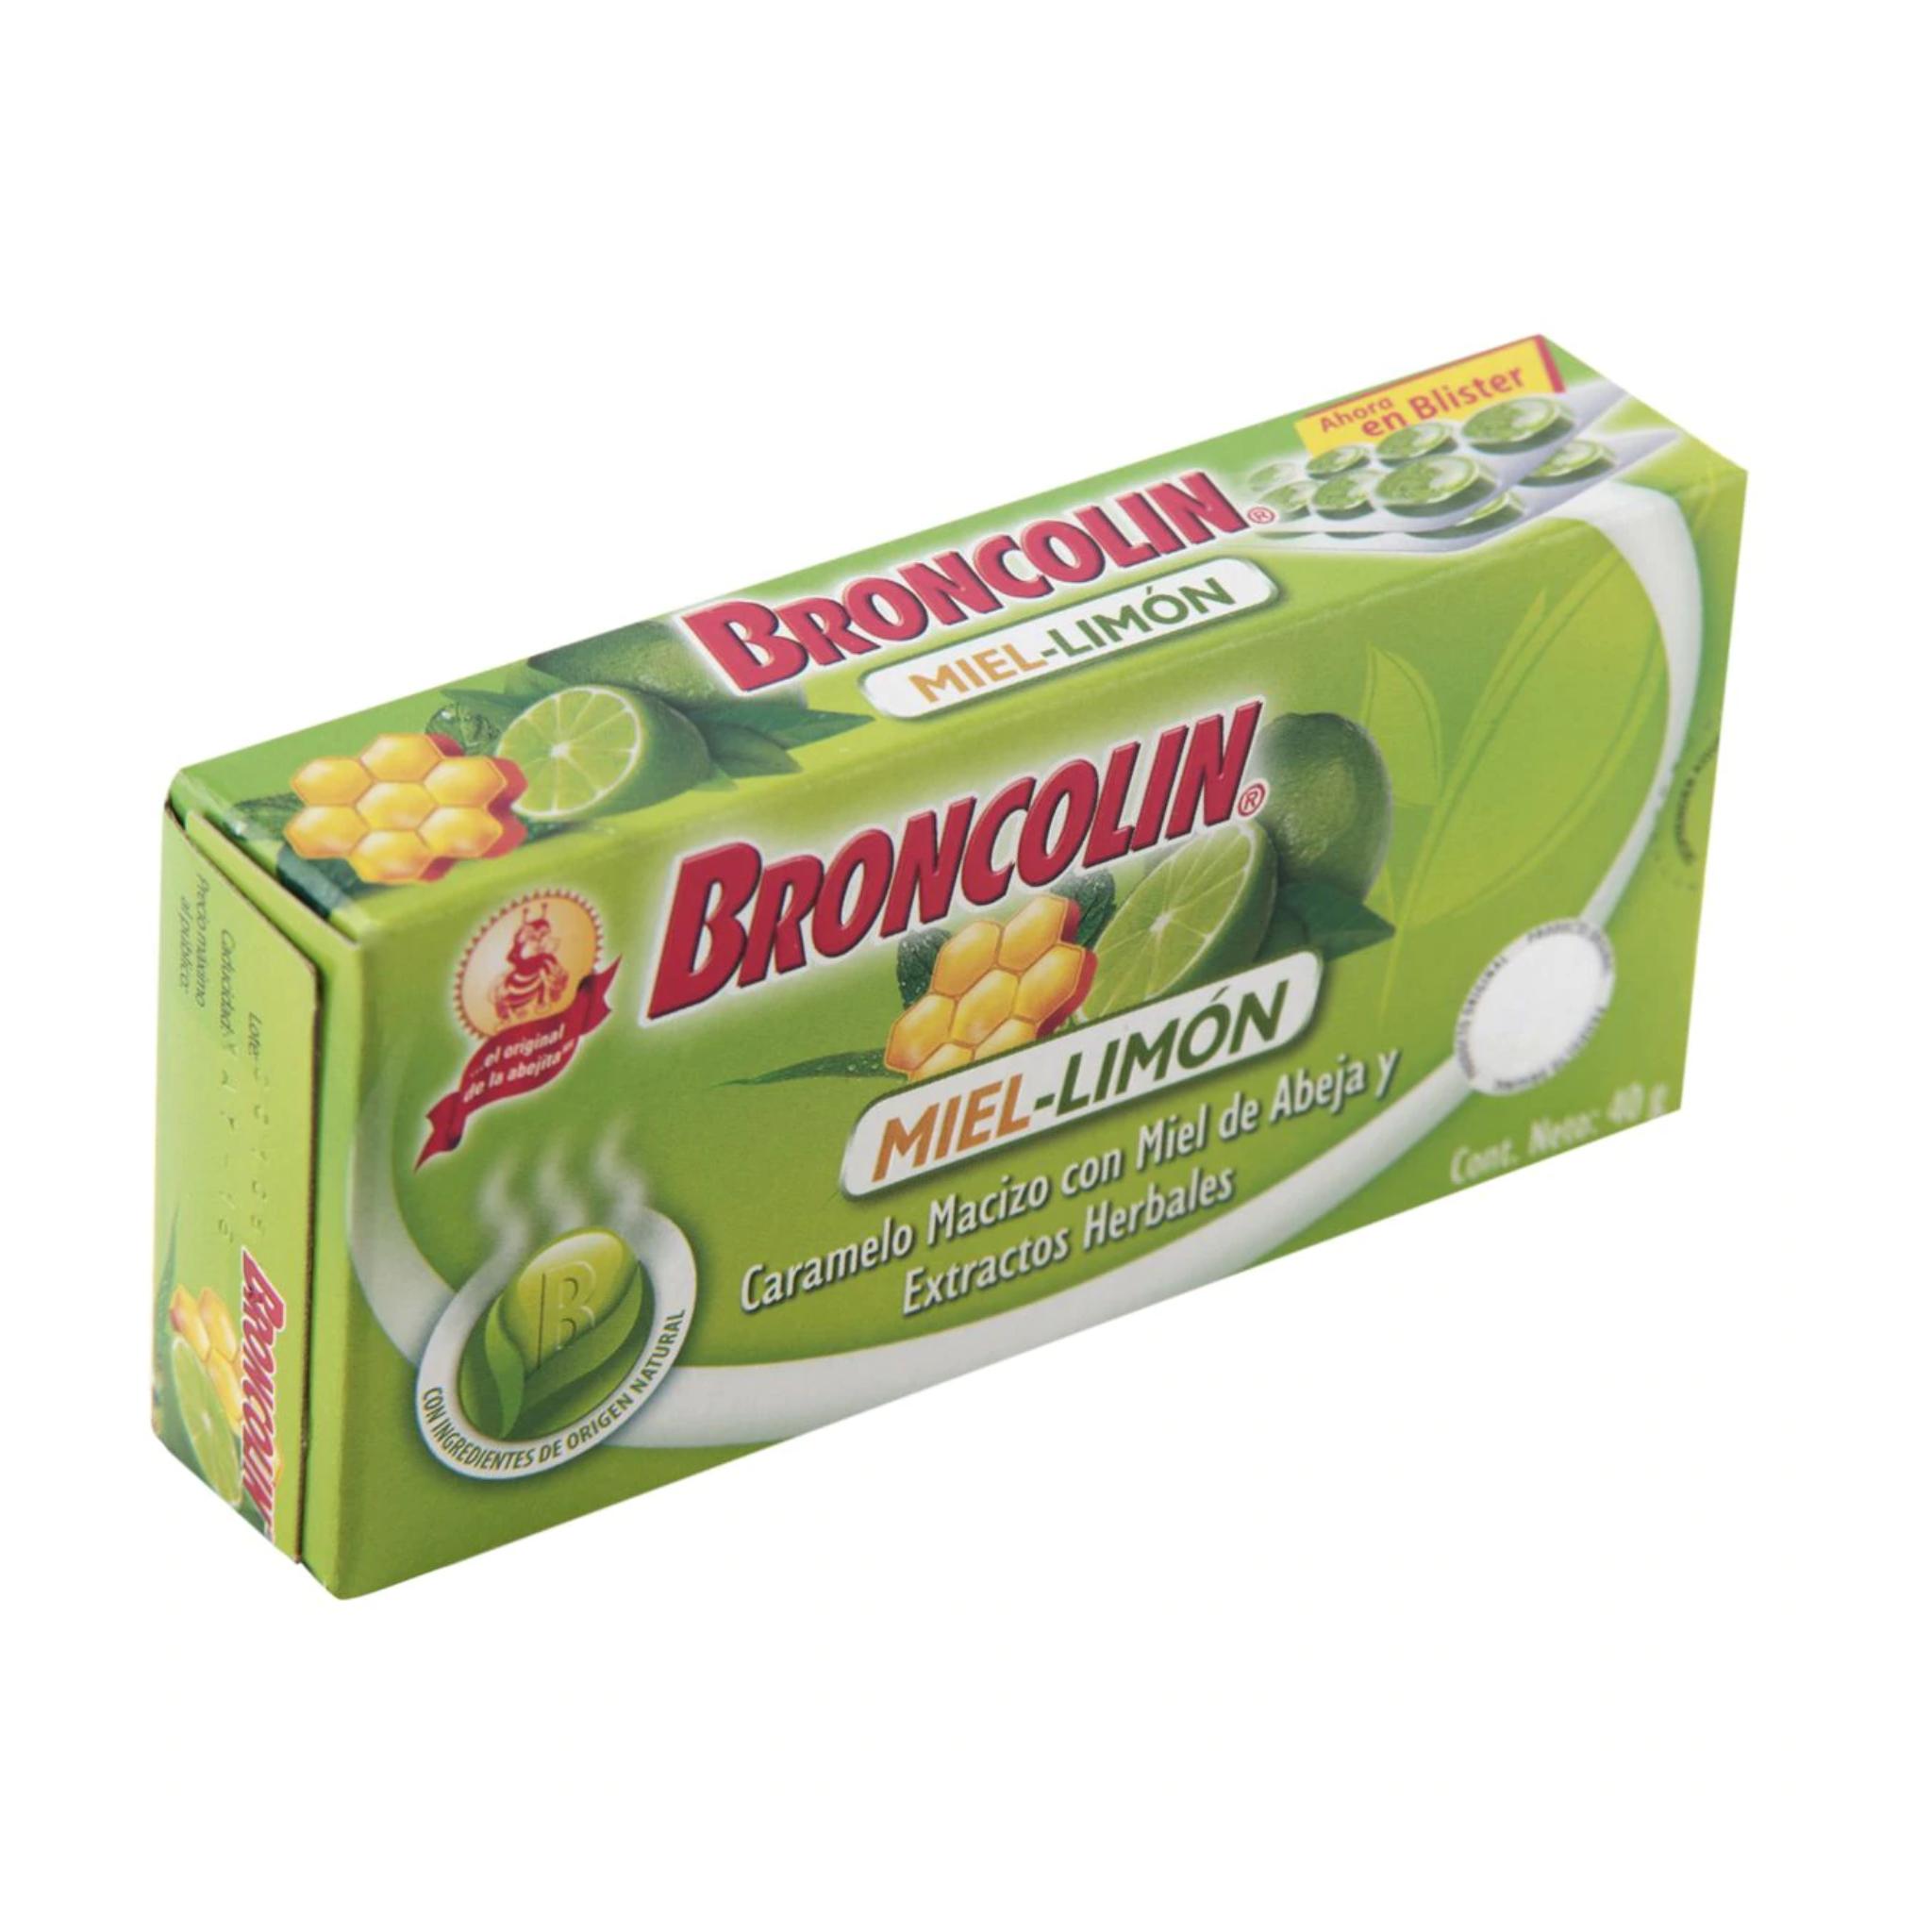 Broncolin Caramelo Macizo 40 G